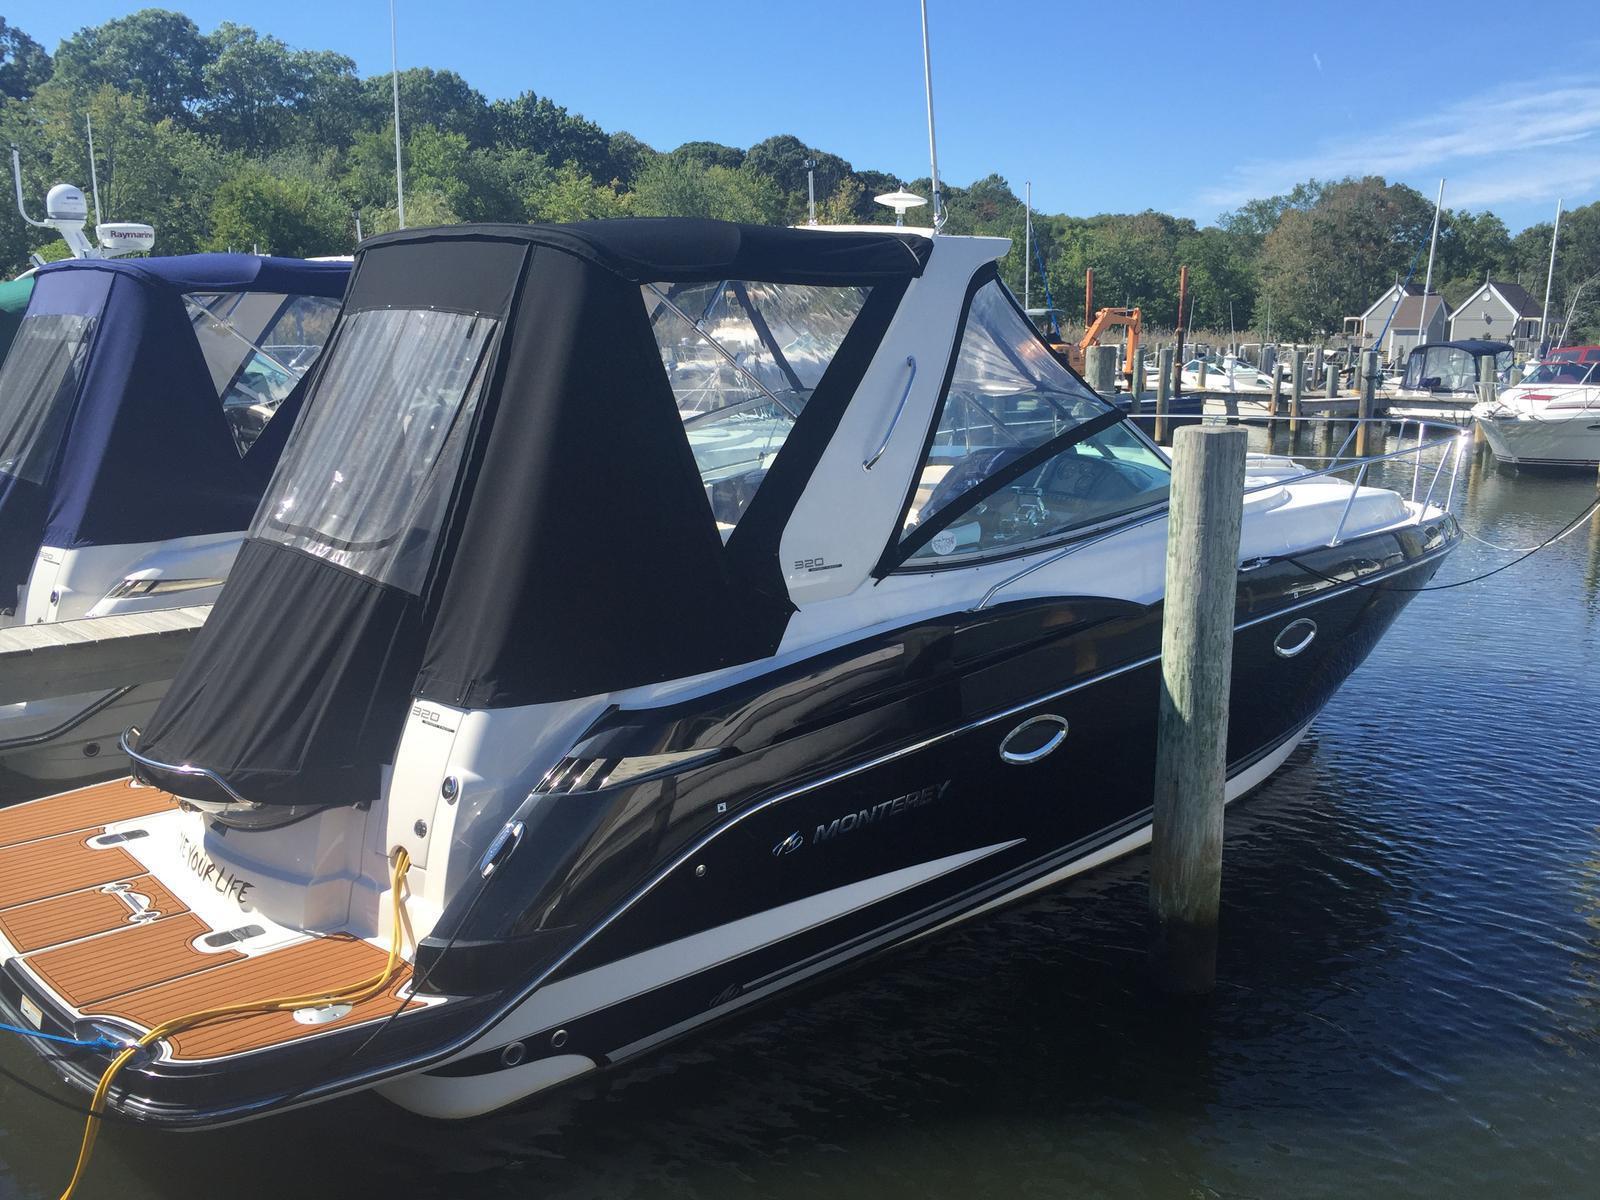 Monterey 320 (335) Sport Yacht